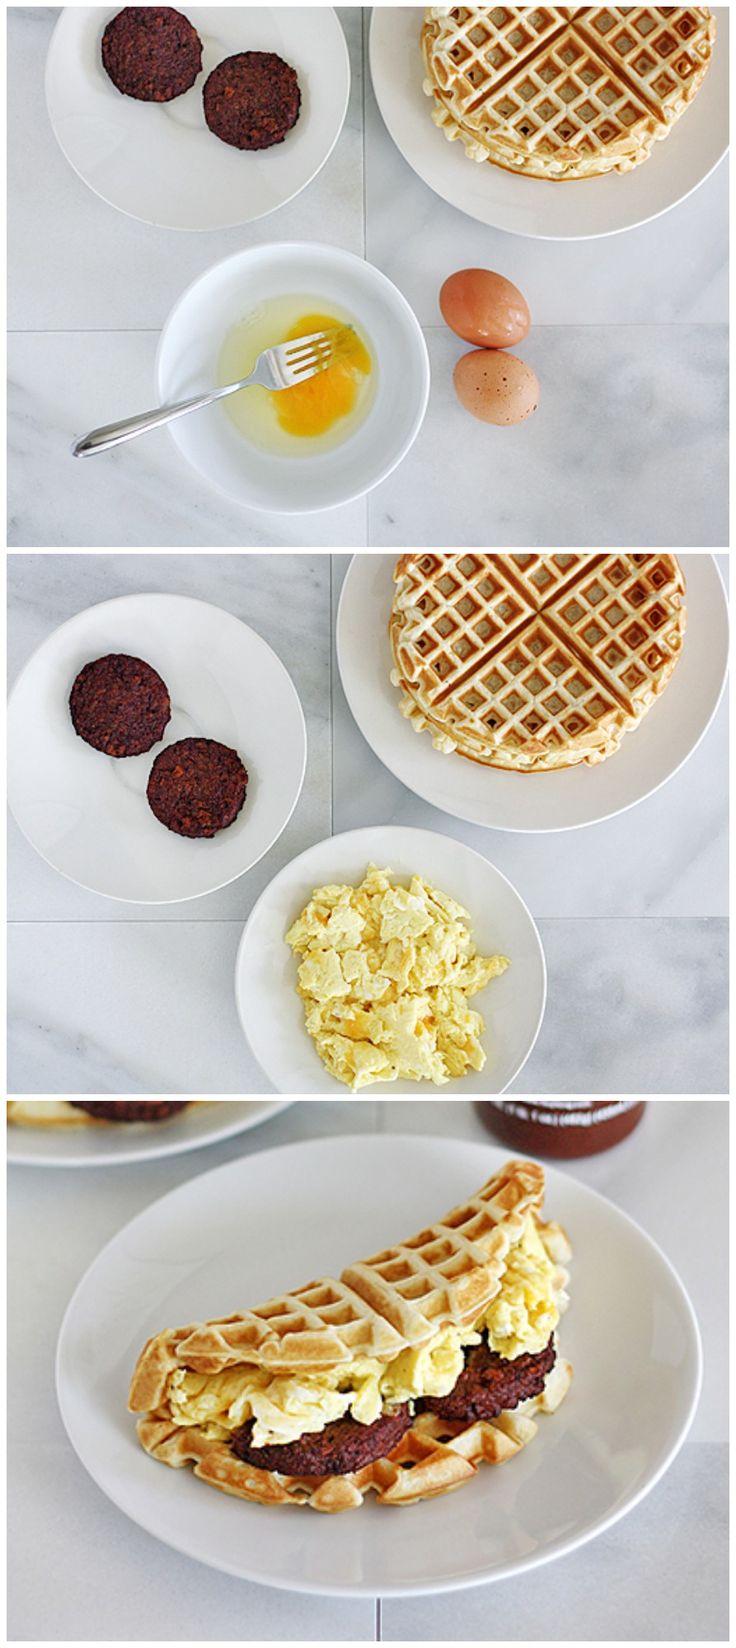 #DIY Waffle Taco